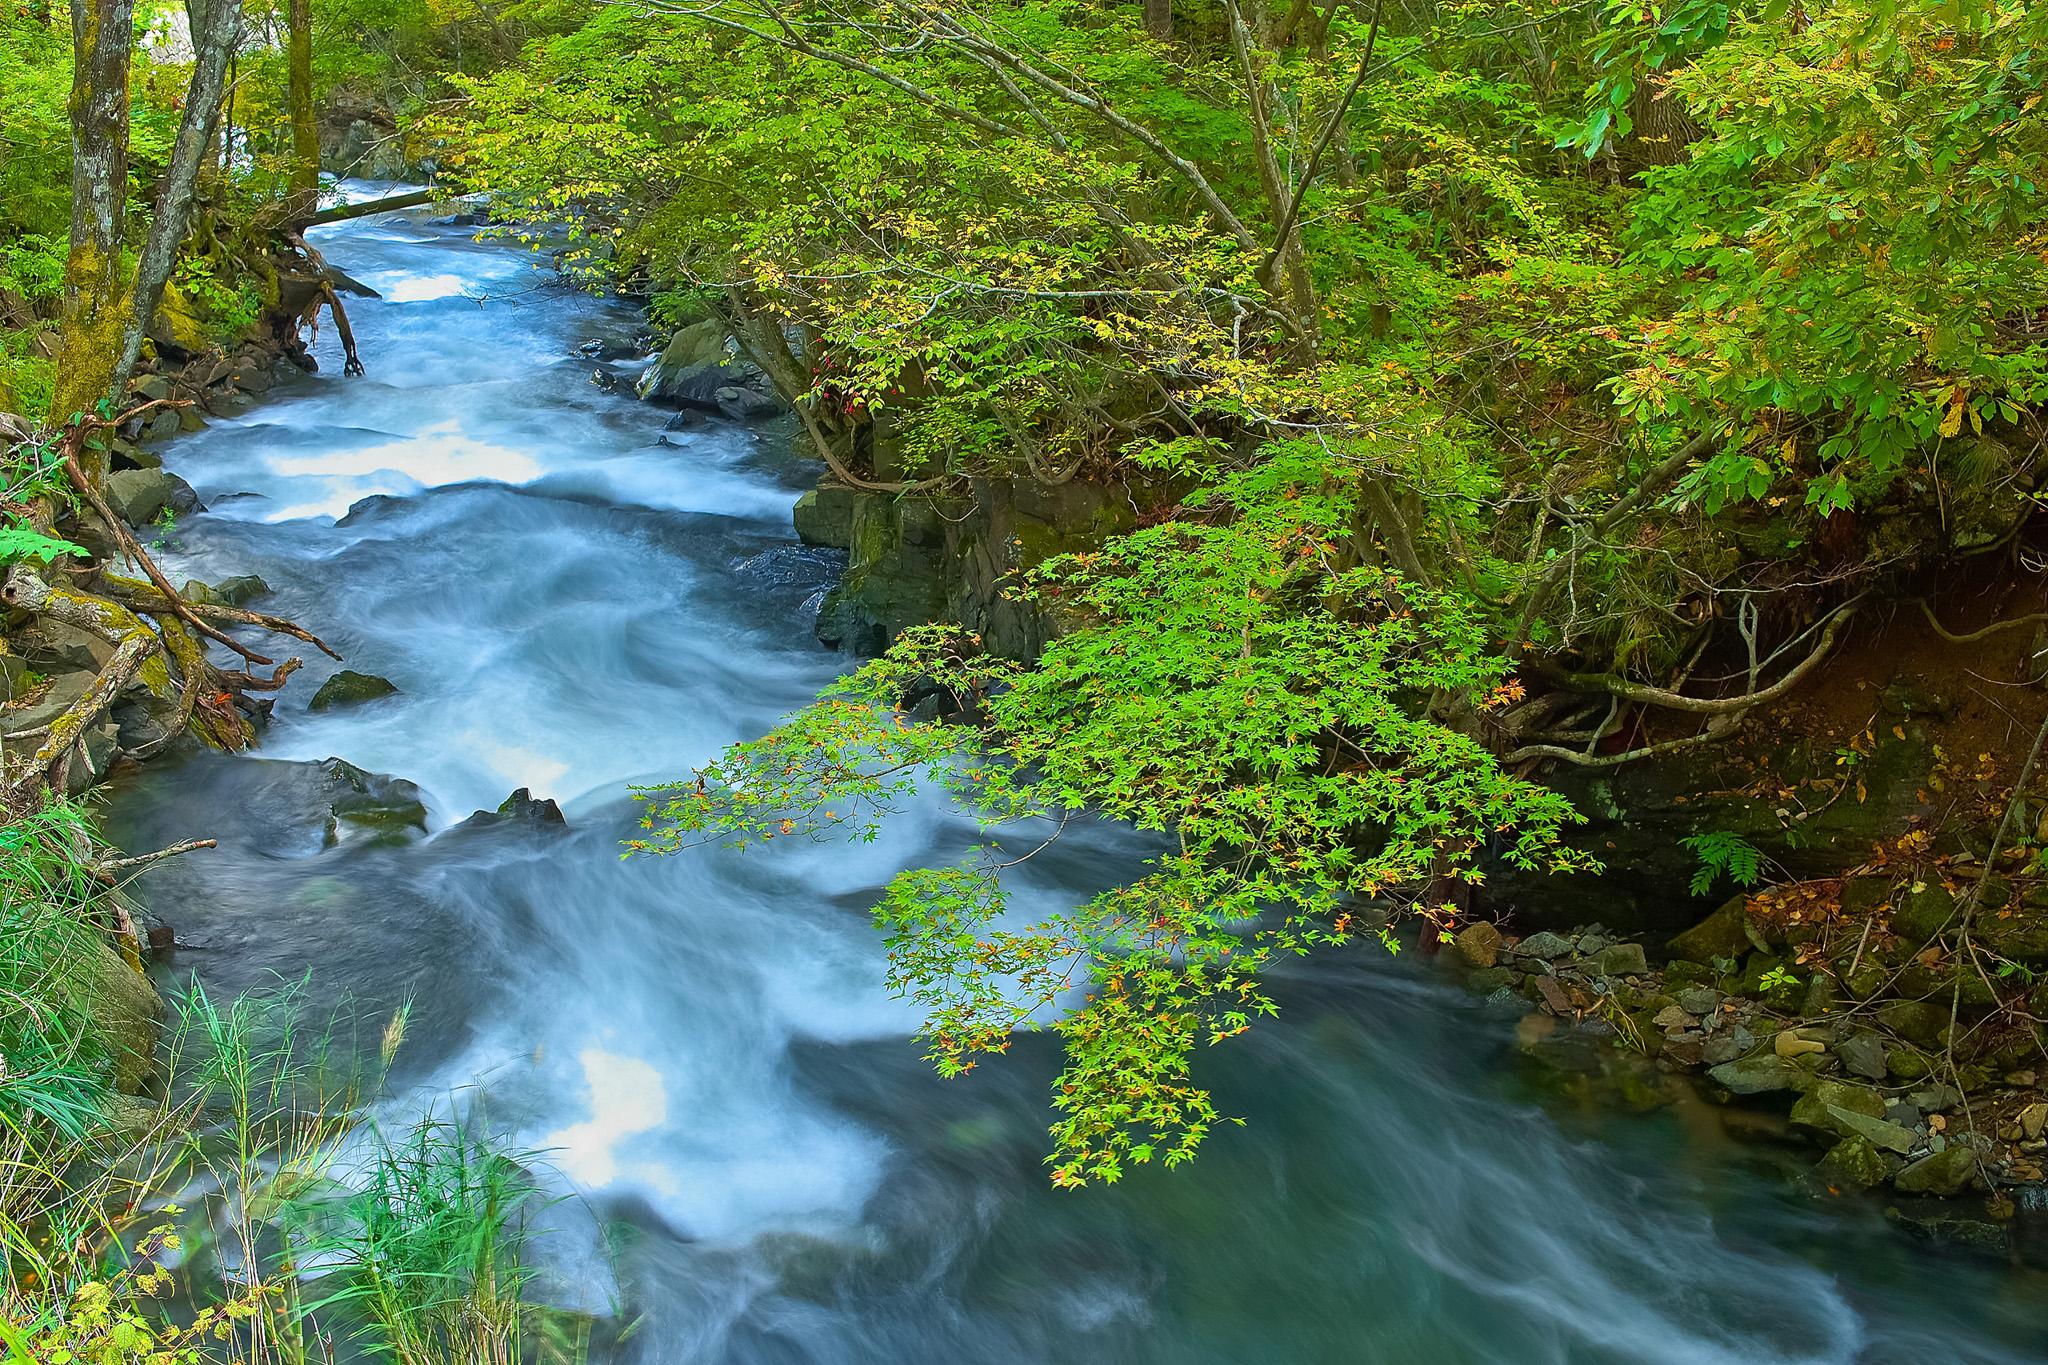 「流速が激しい上流の川」